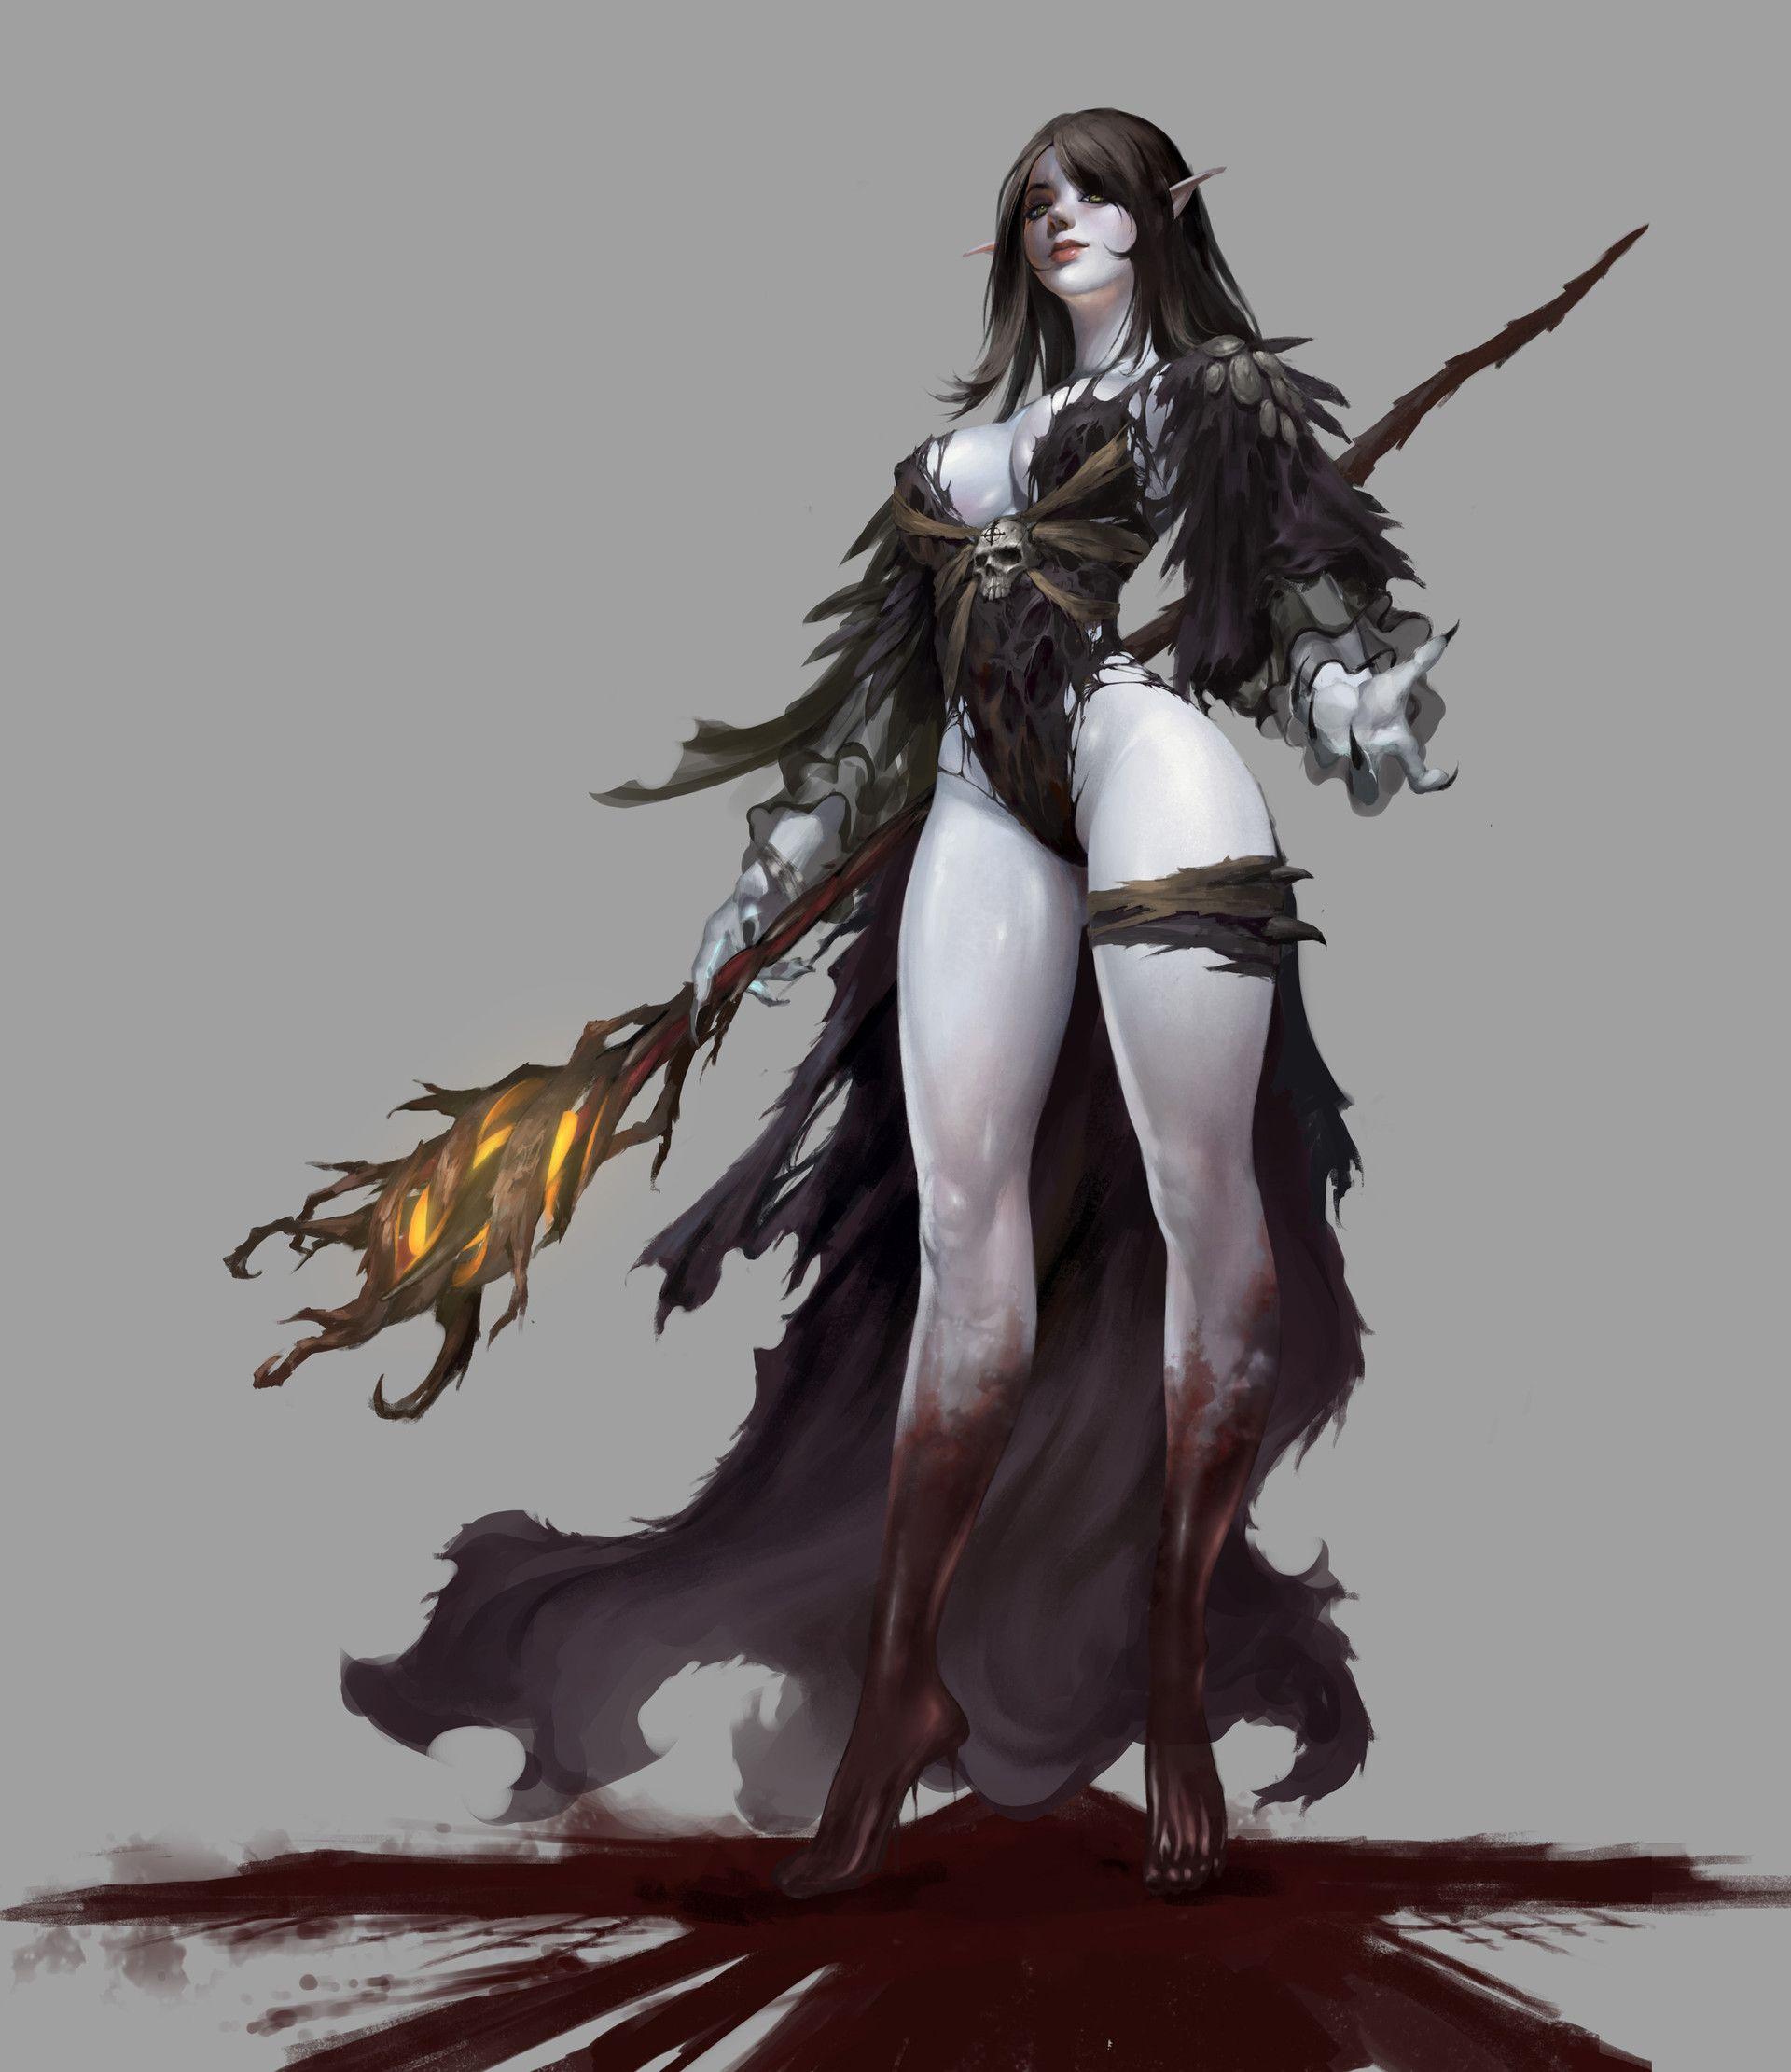 ArtStation - Dark elf, Bangku An | Concept art characters